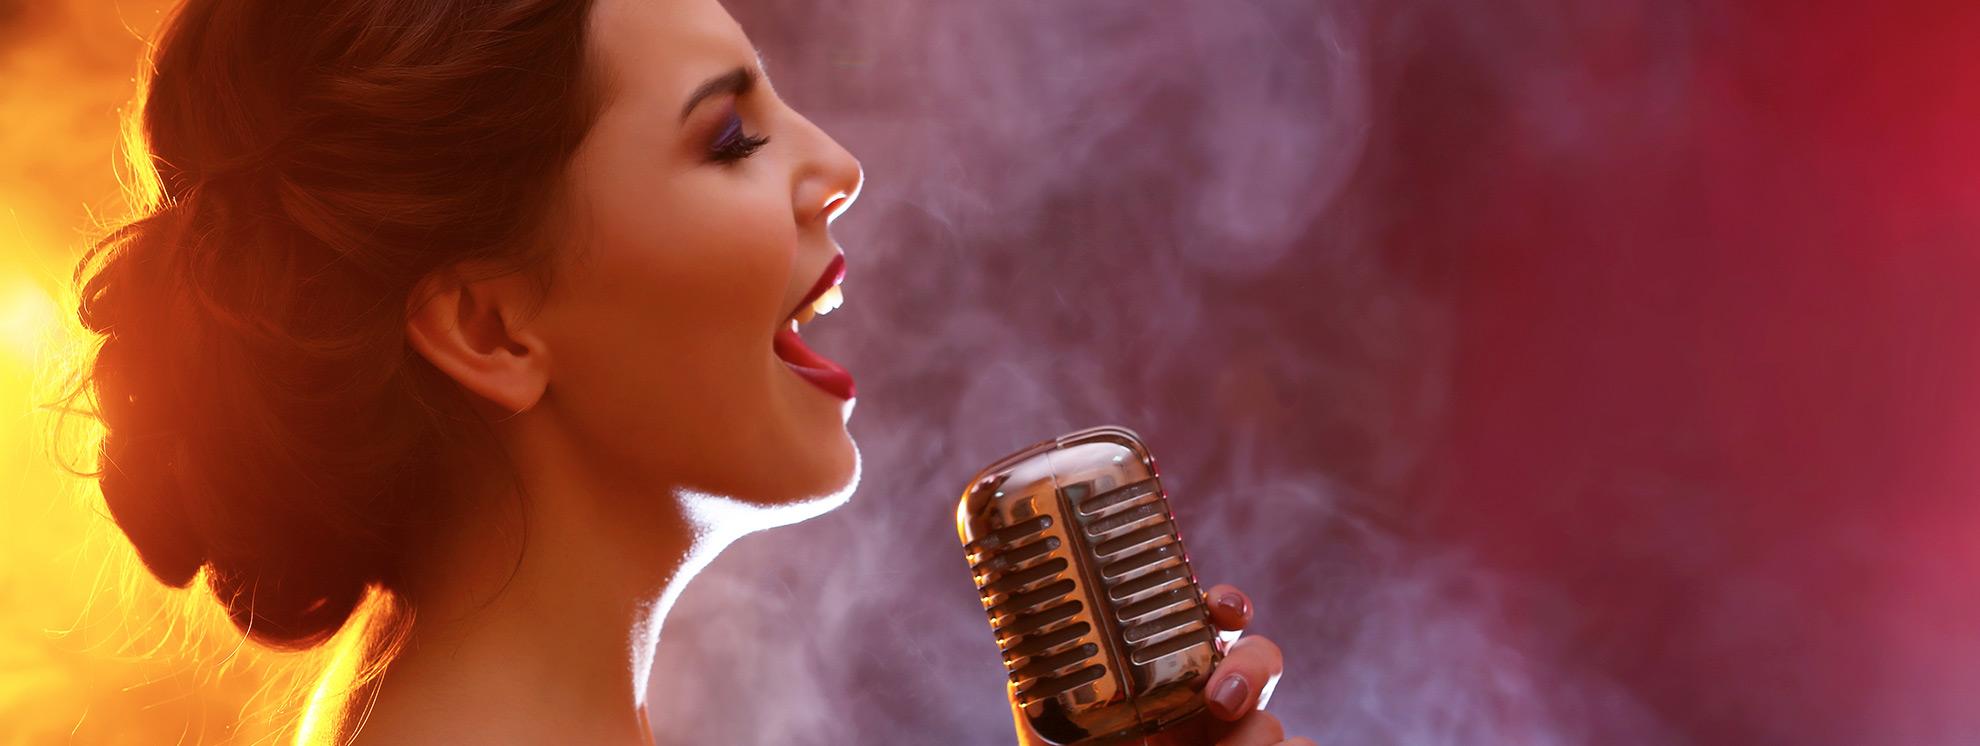 Rüyada Sahnede Şarkı Söyleyen Birini Görmek